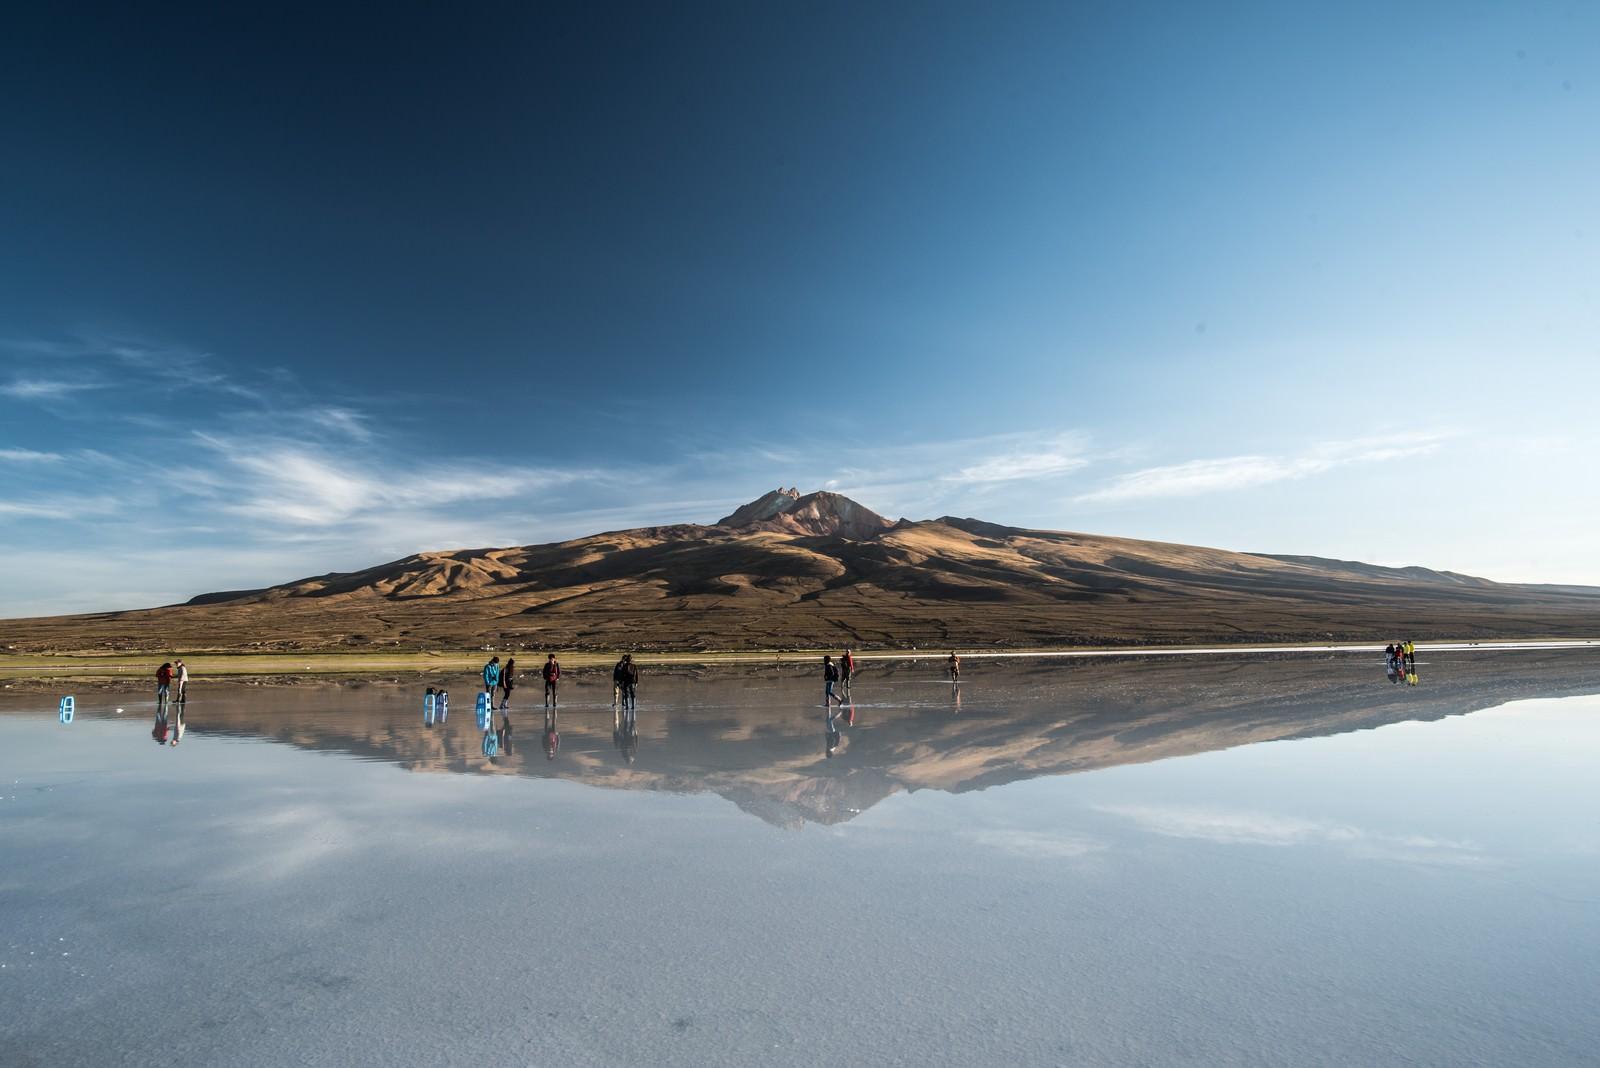 「ウユニ塩湖に訪れた観光客と鏡のように映り込む山   写真の無料素材・フリー素材 - ぱくたそ」の写真